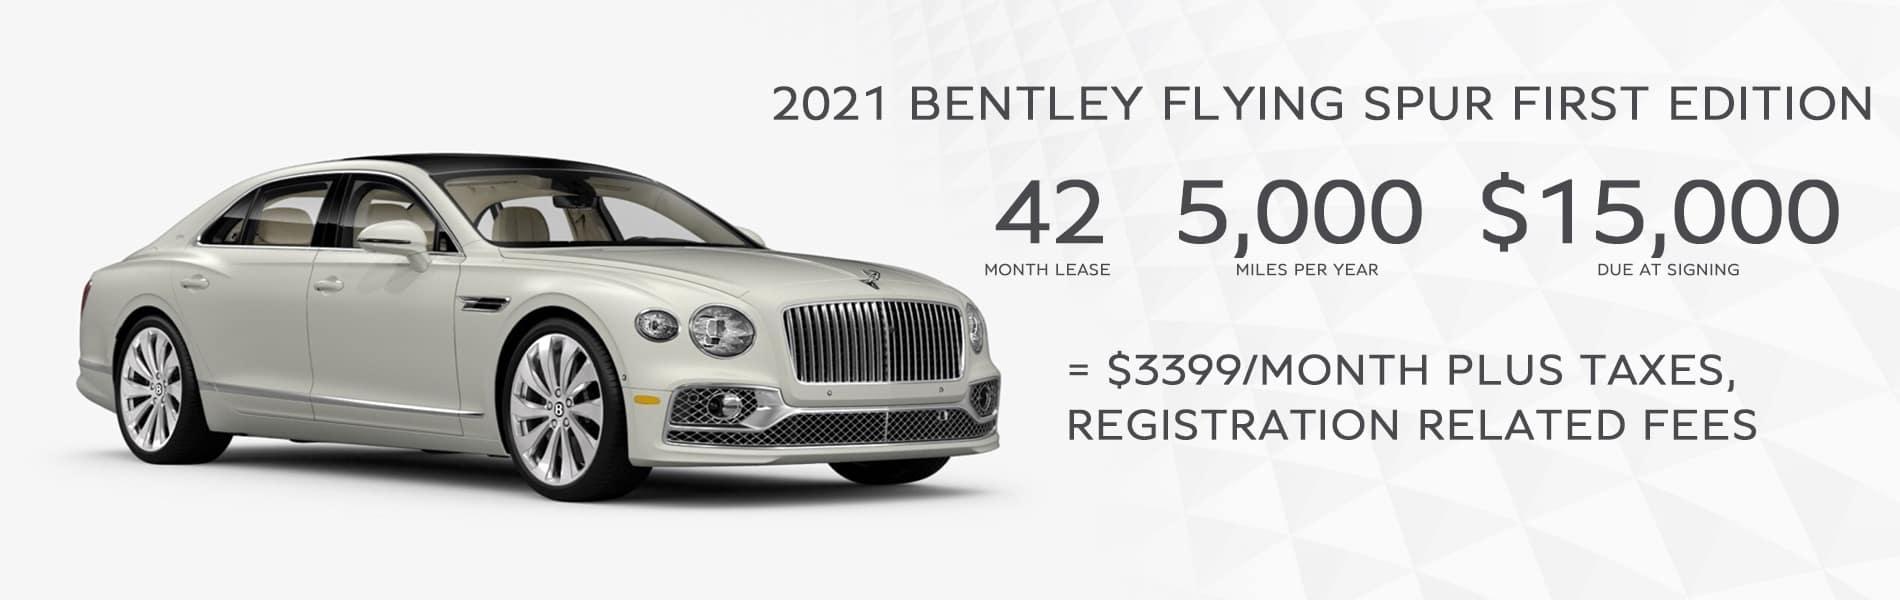 Cleveland Bentley Sliders 3 (1)